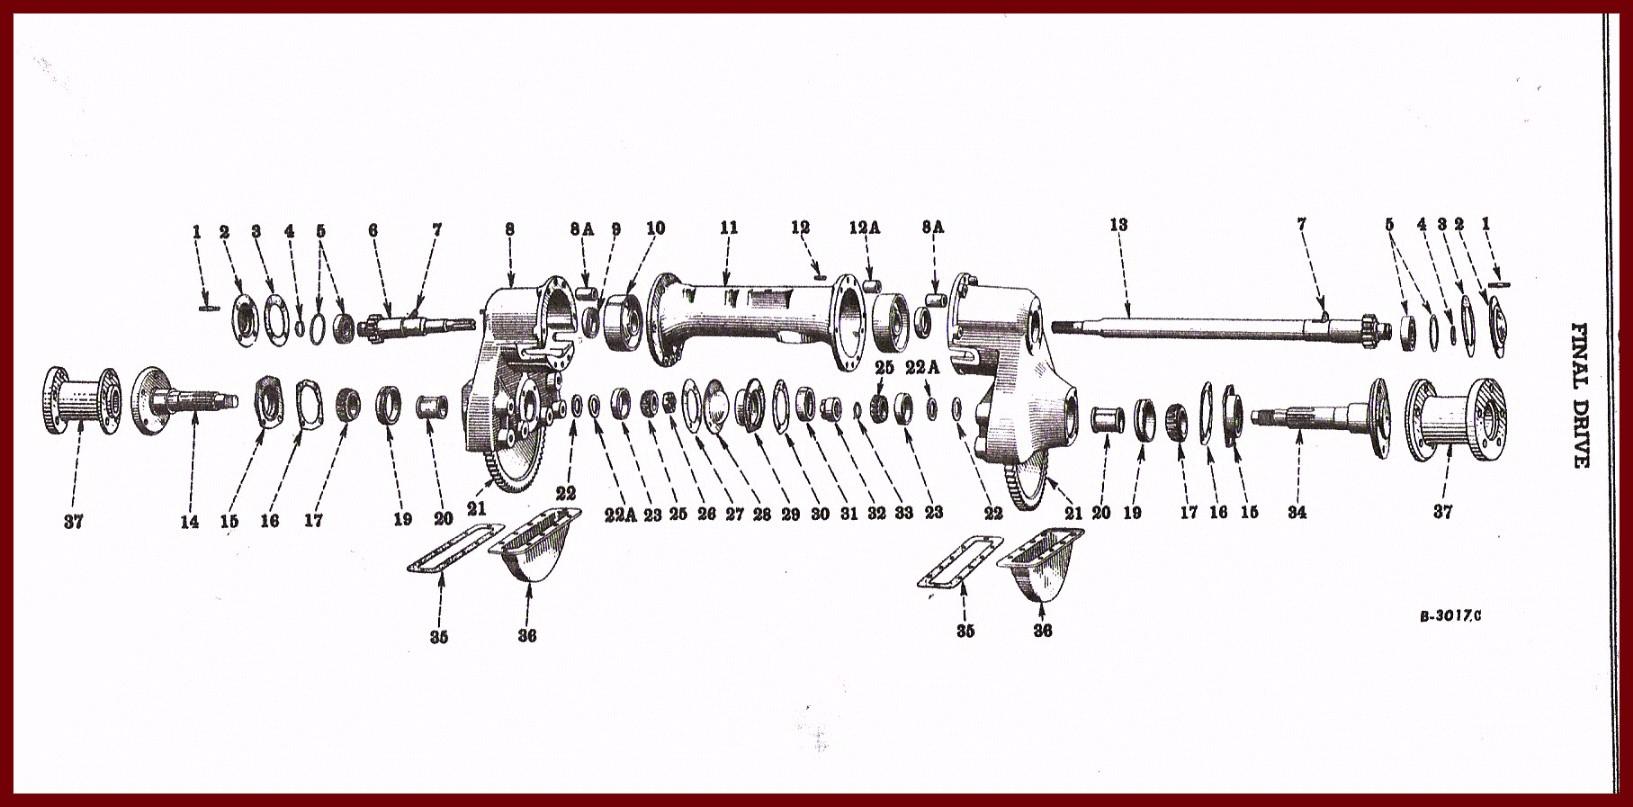 hight resolution of 1954 farmall cub wiring diagram wiring library 1948 farmall cub tractor wiring diagram farmall cub wiring